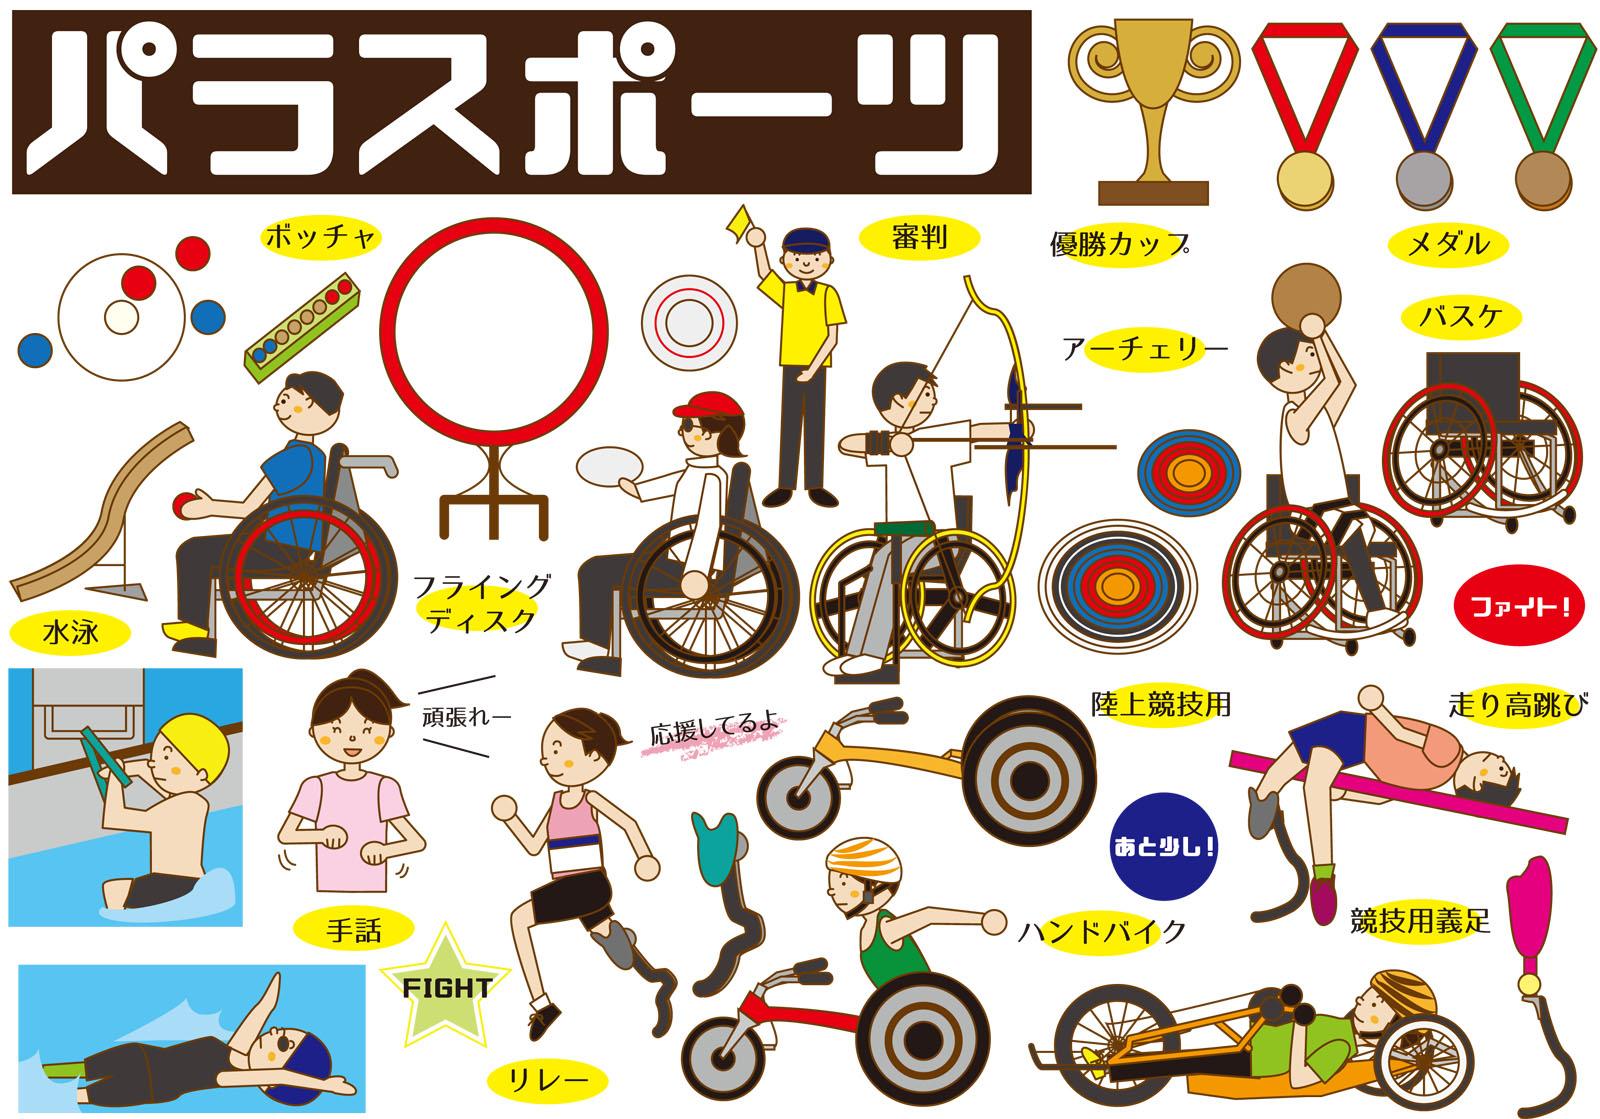 【パラリンピッククイズ 全20問】小学生向け!!おもしろ三択雑学クイズを紹介!